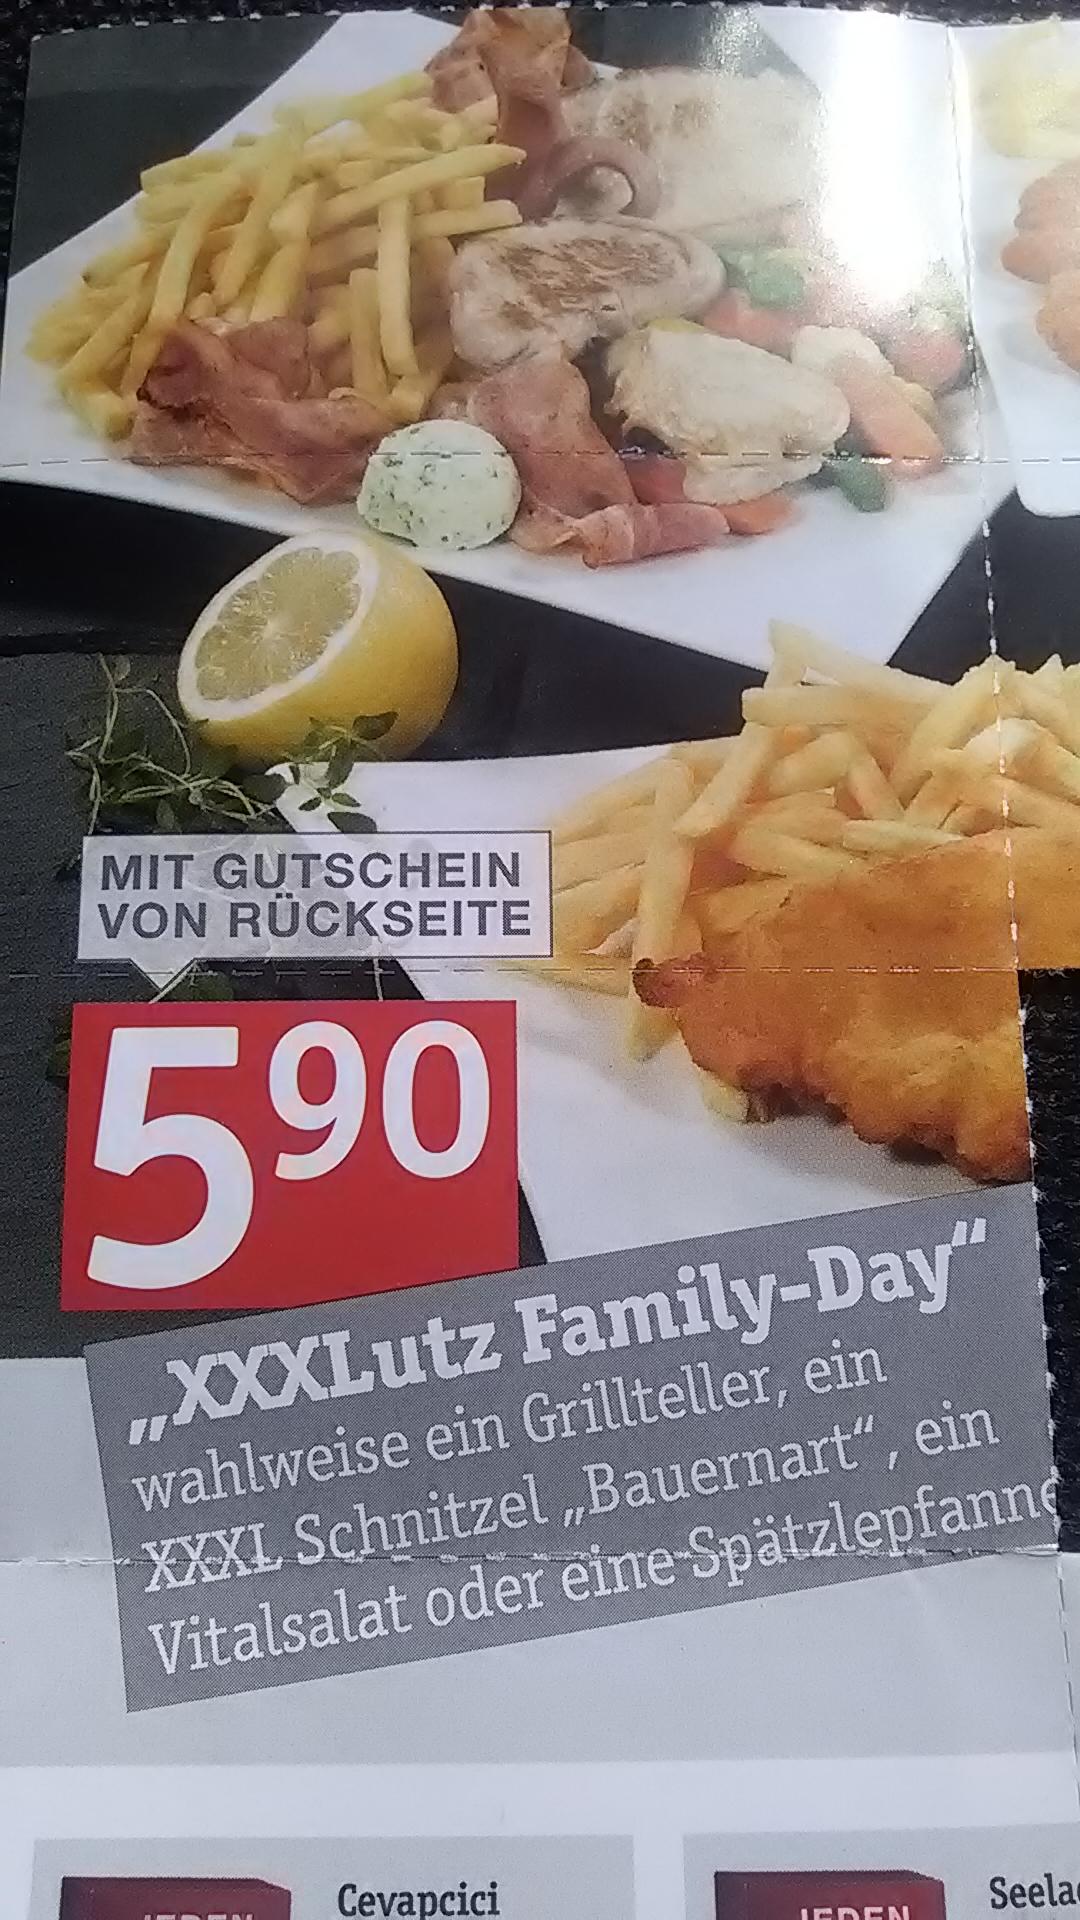 € 5,90: Grillteller + Kinder-Schnitzel + Malrucksack